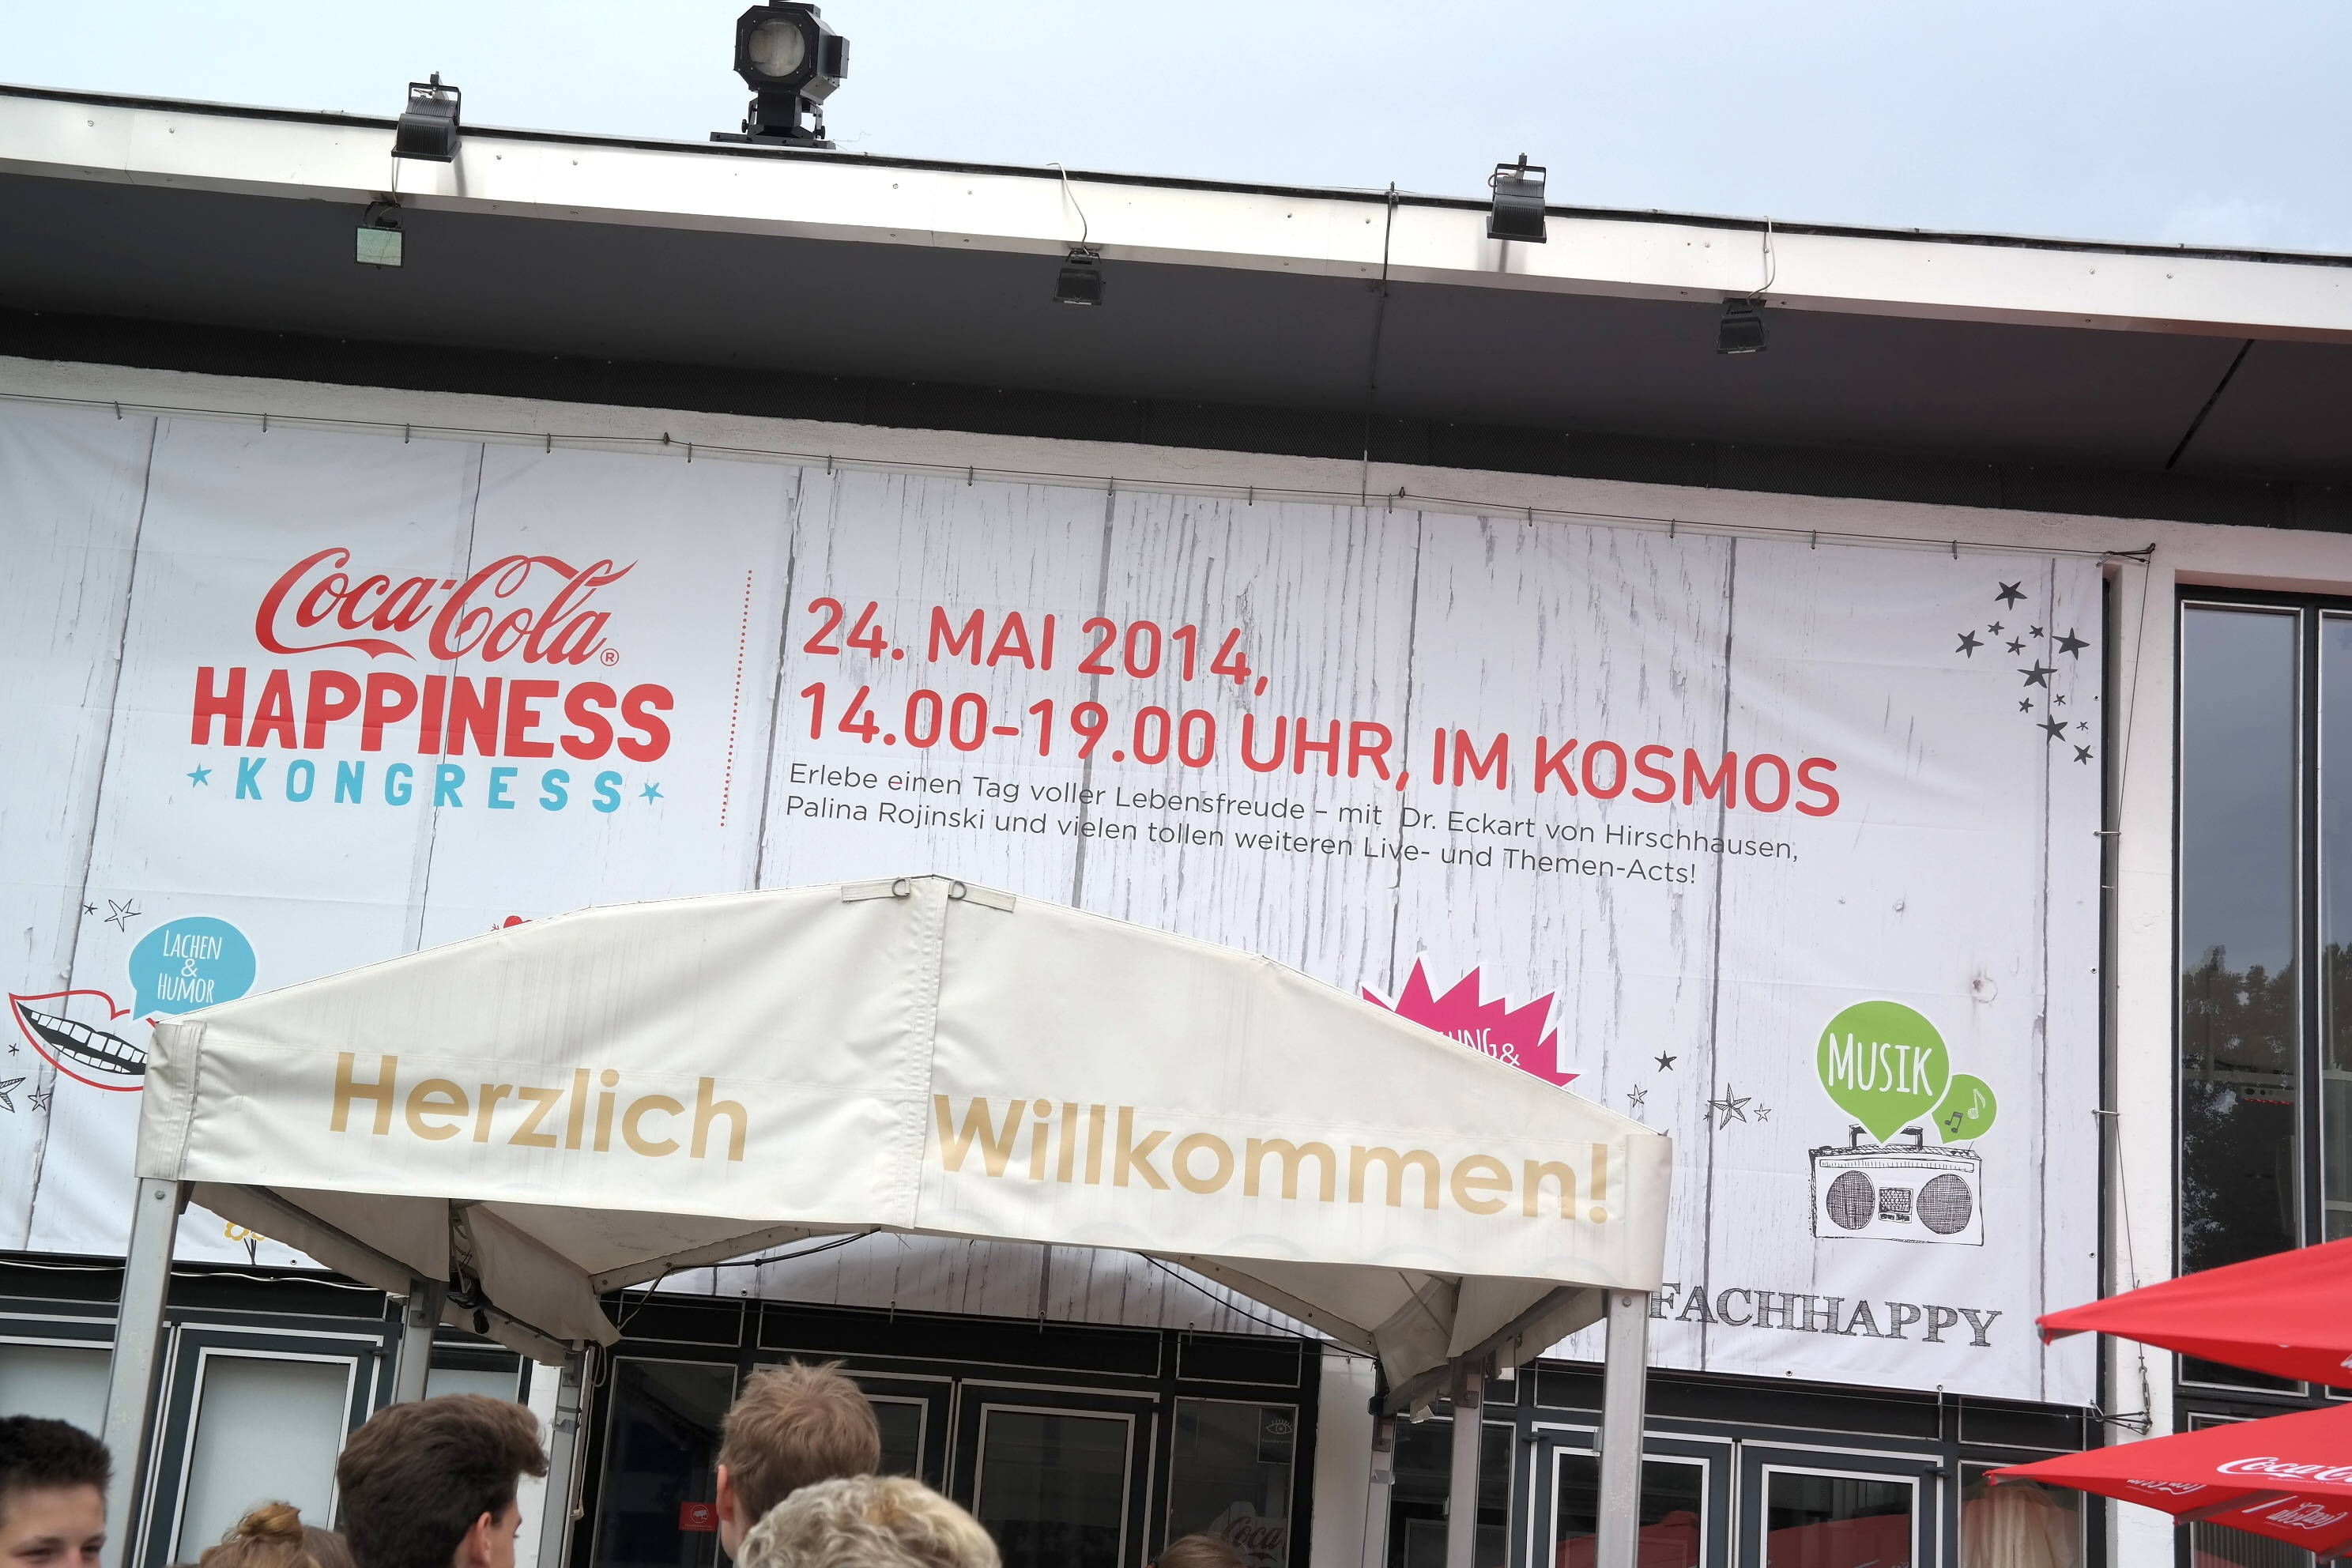 #EinfachHappy – der Happiness Kongress in Berlin & was uns happy macht